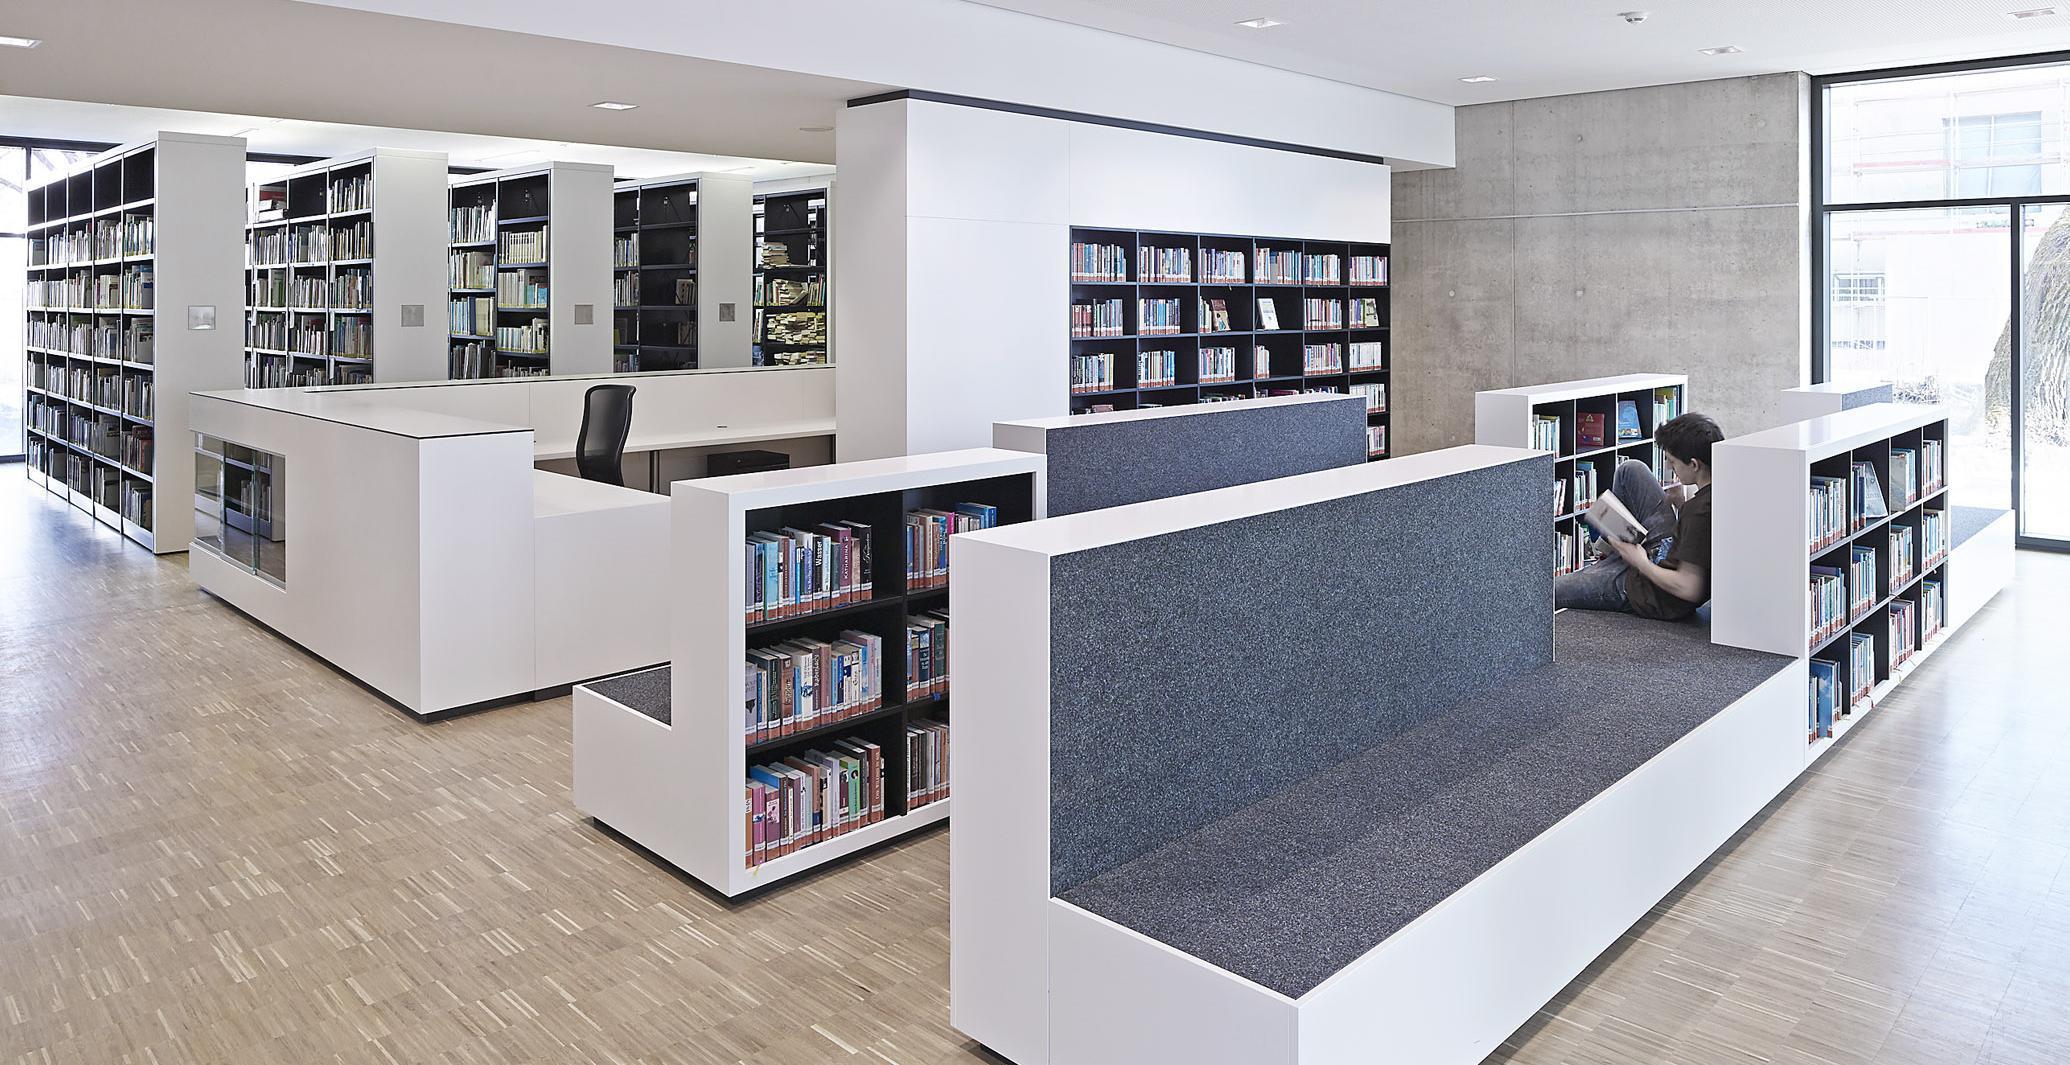 Basiswissen - Bayerische Architektenkammer